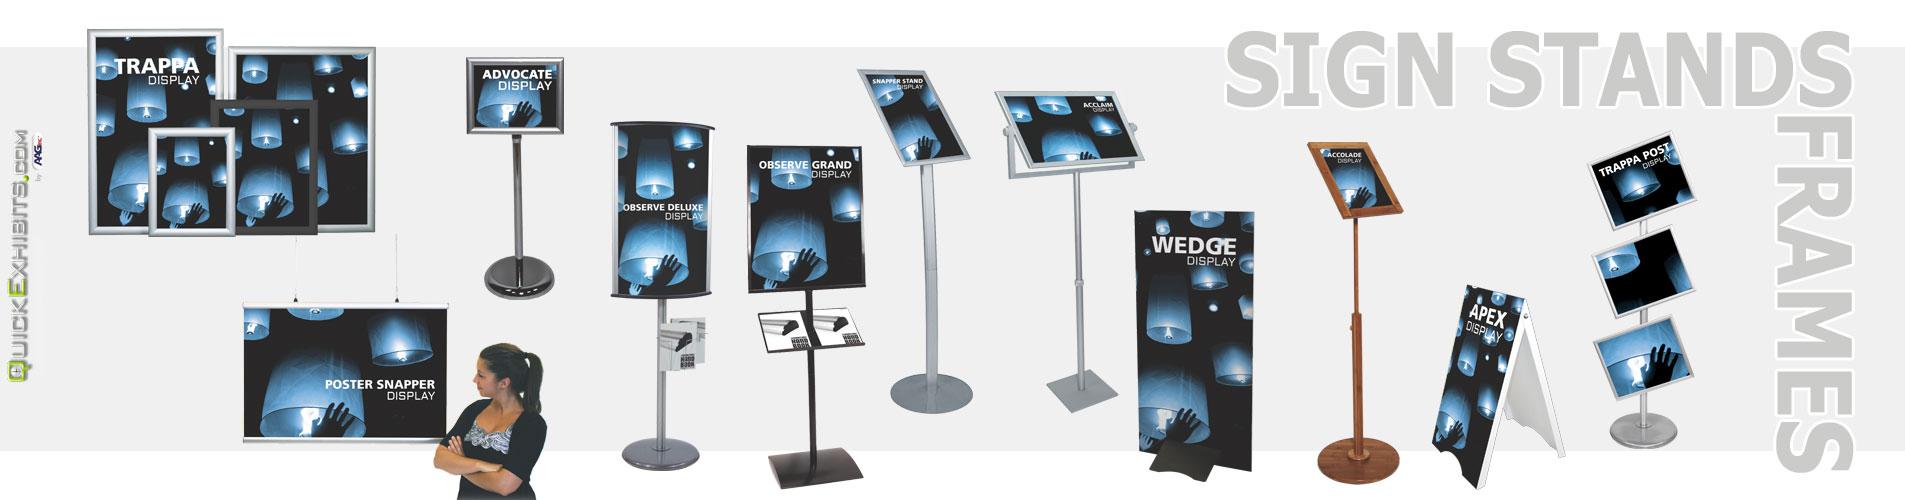 Sign Stands & Frames